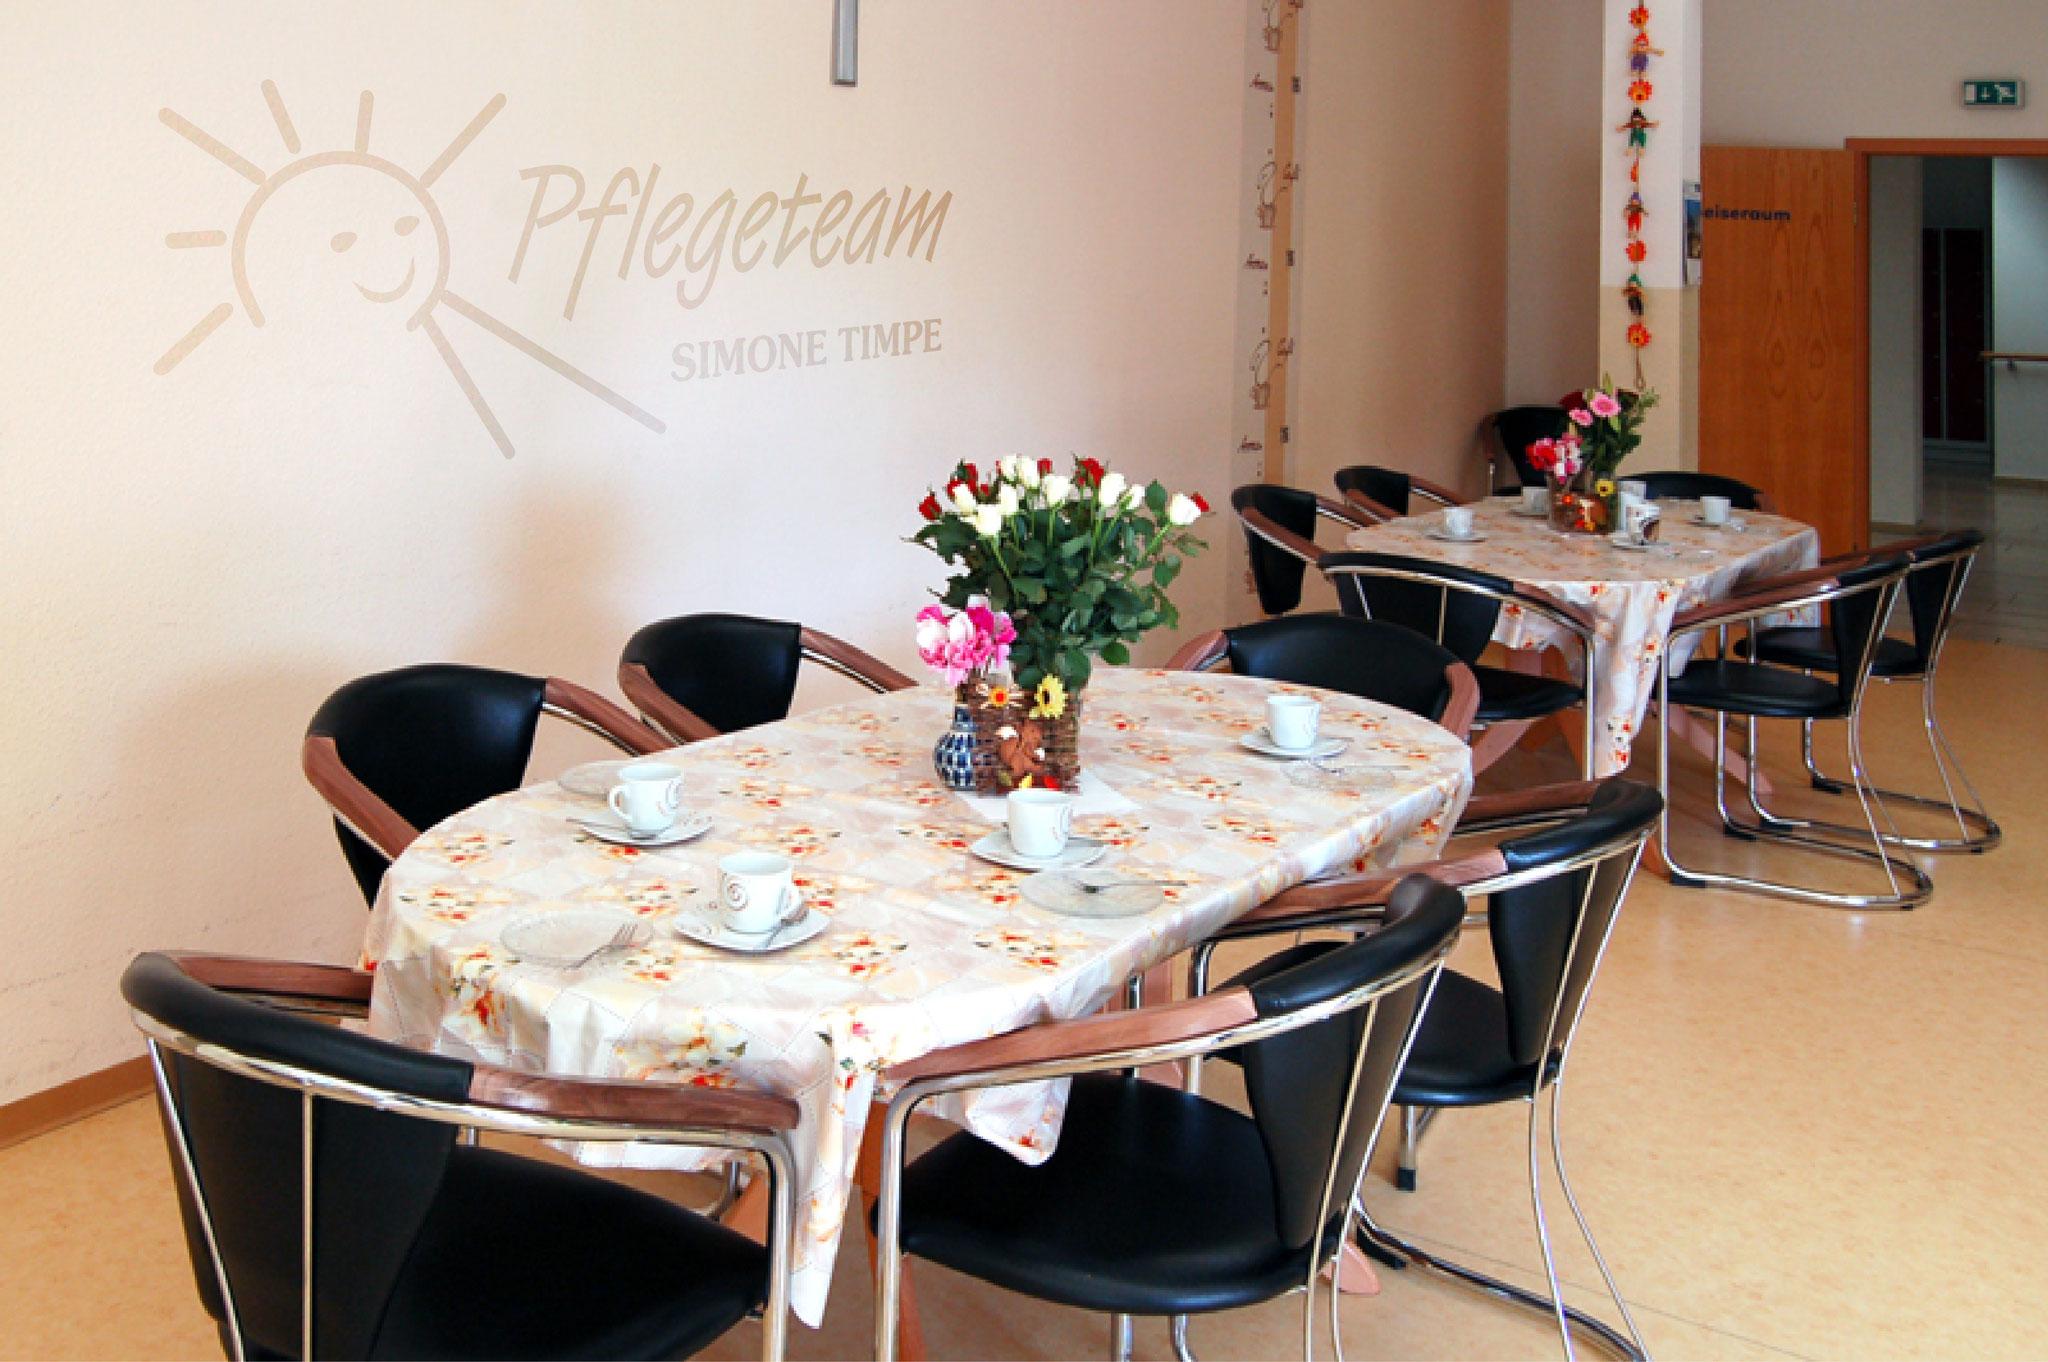 Neben der großzügigen Küchenzeile stehen in diesem Zimmer auch Tische an denen die Mahlzeiten gemeinsam eingenommen werden.